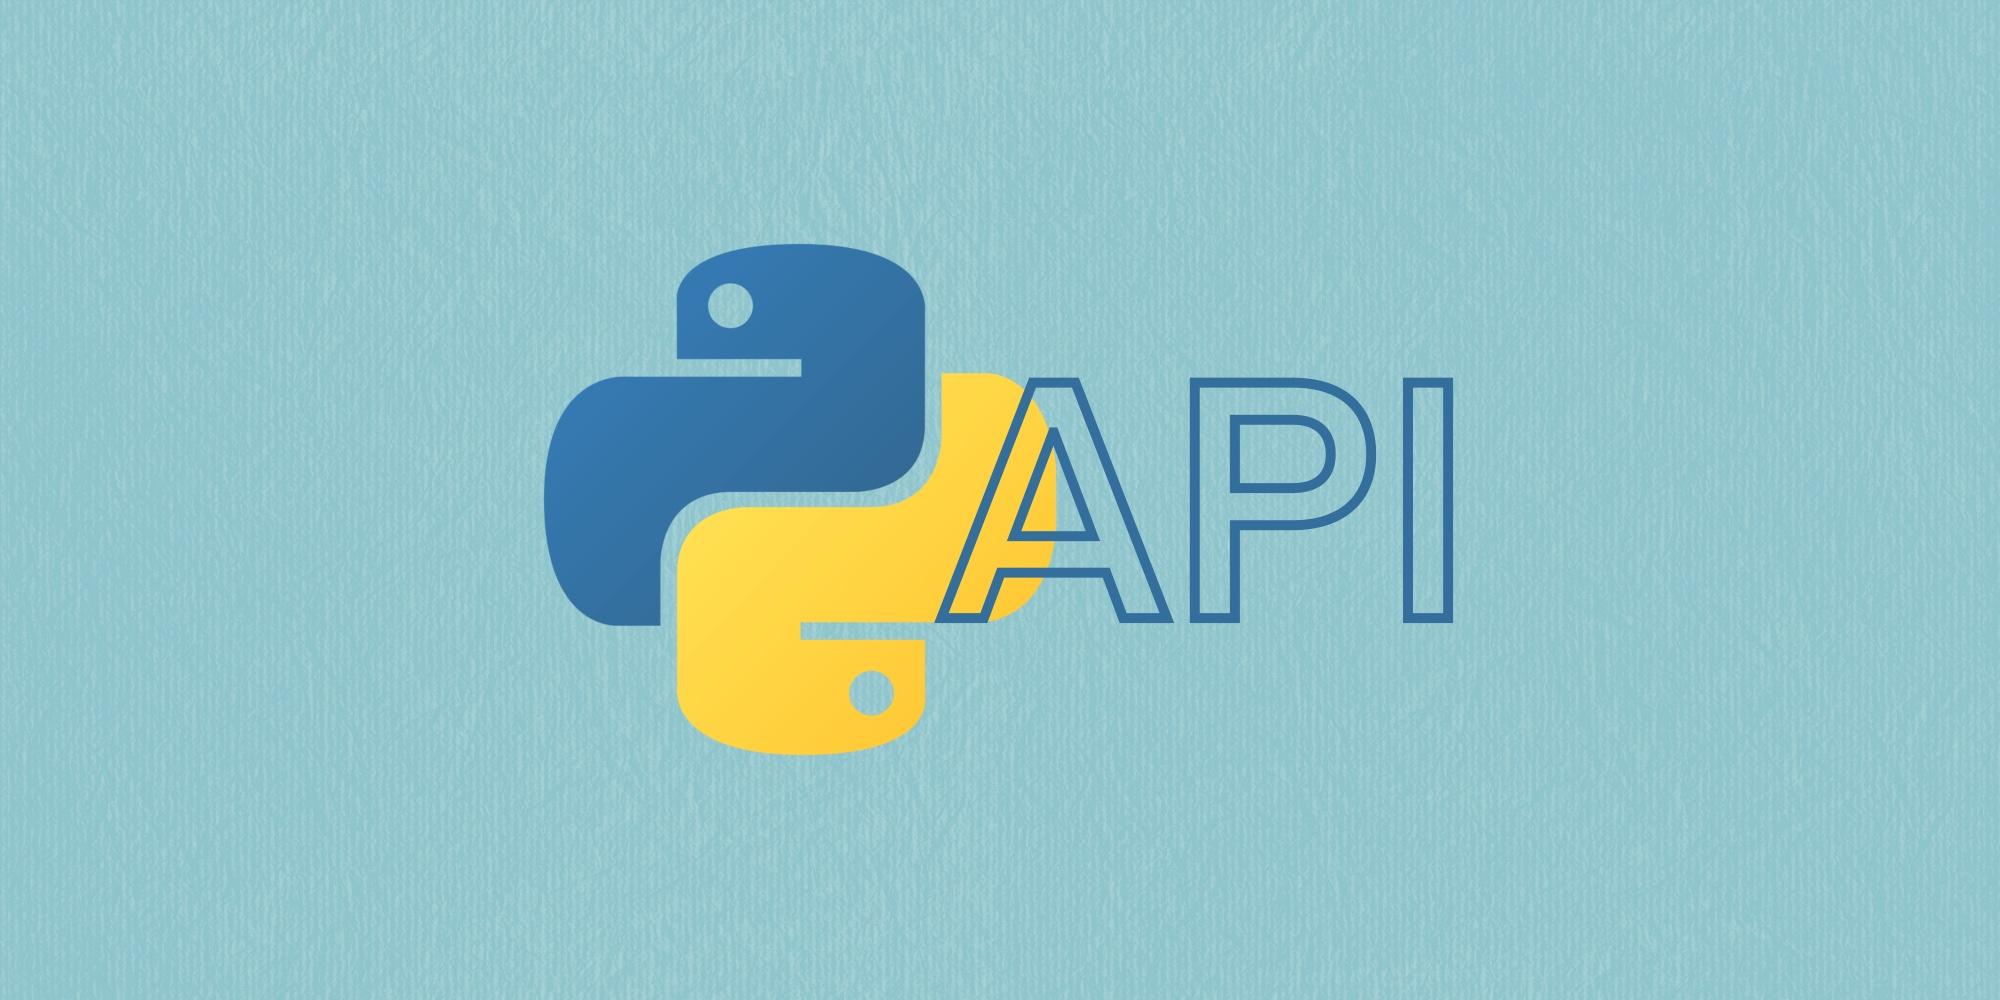 ✨ Python и API: превосходное комбо для автоматизации работы с публичными данными